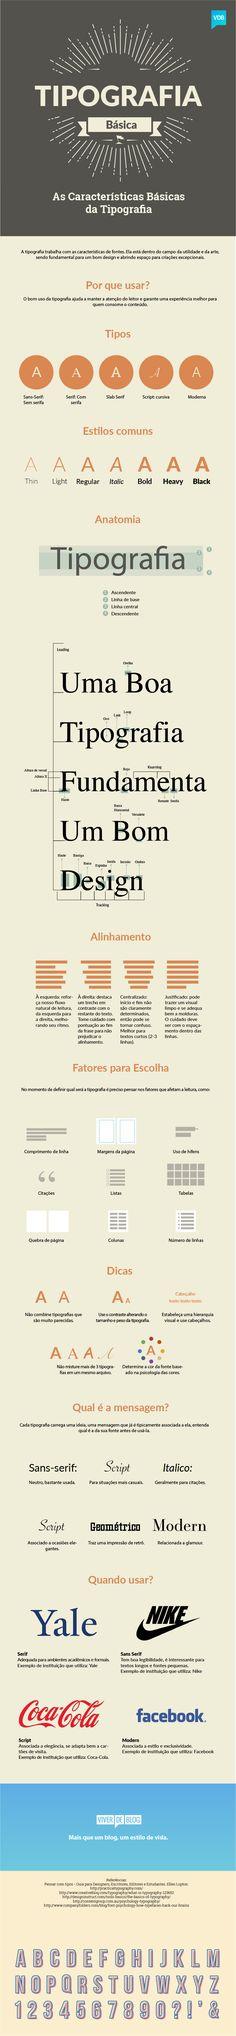 [Infográfico] O Básico da Tipografia para Não Designers